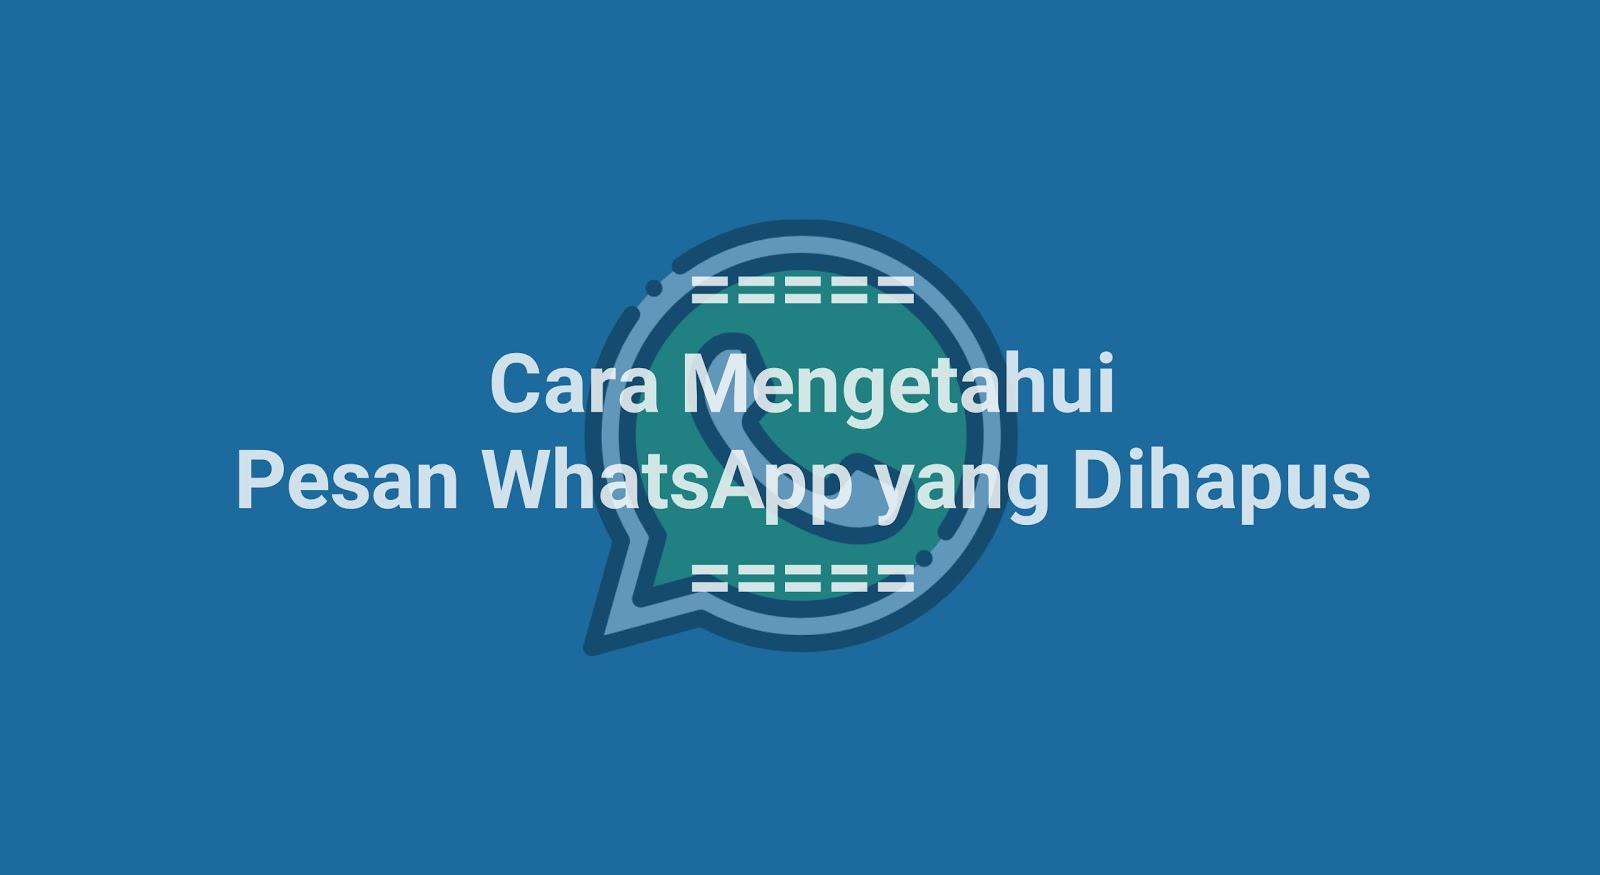 Cara Mengetahui Pesan WhatsApp yang Dihapus